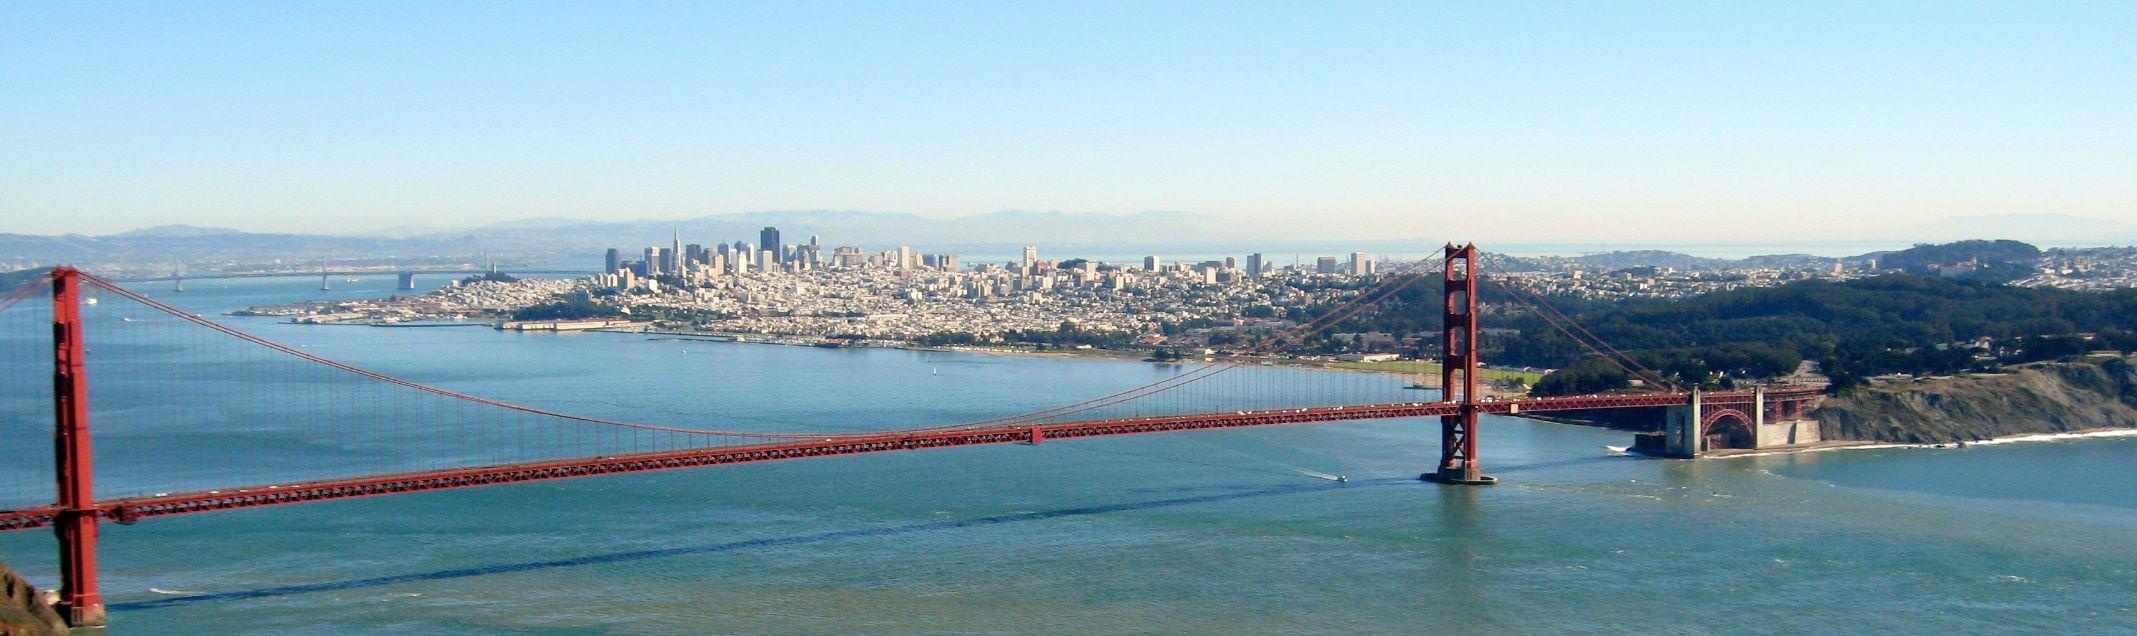 www.dubbelju.com Couldn't help it, who doesn't like a motorcycle ride across the Golden Gate Bridge?